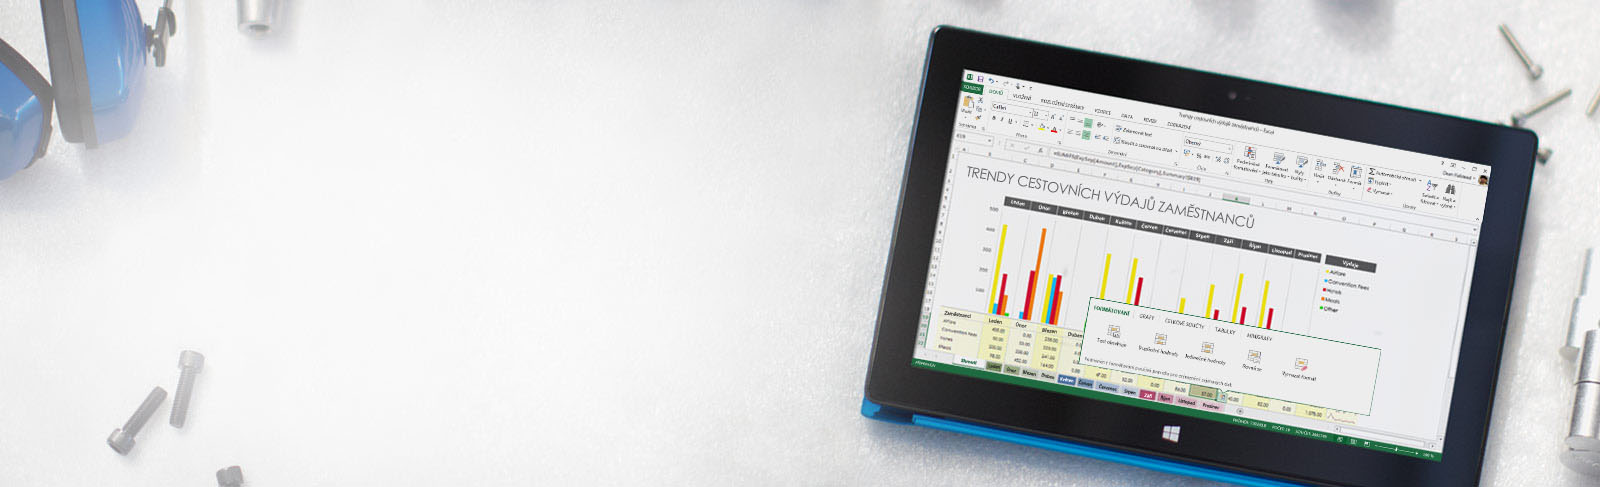 Office 365 – obchodní nástroje, na které se můžete spolehnout. Kdykoliv a kdekoliv